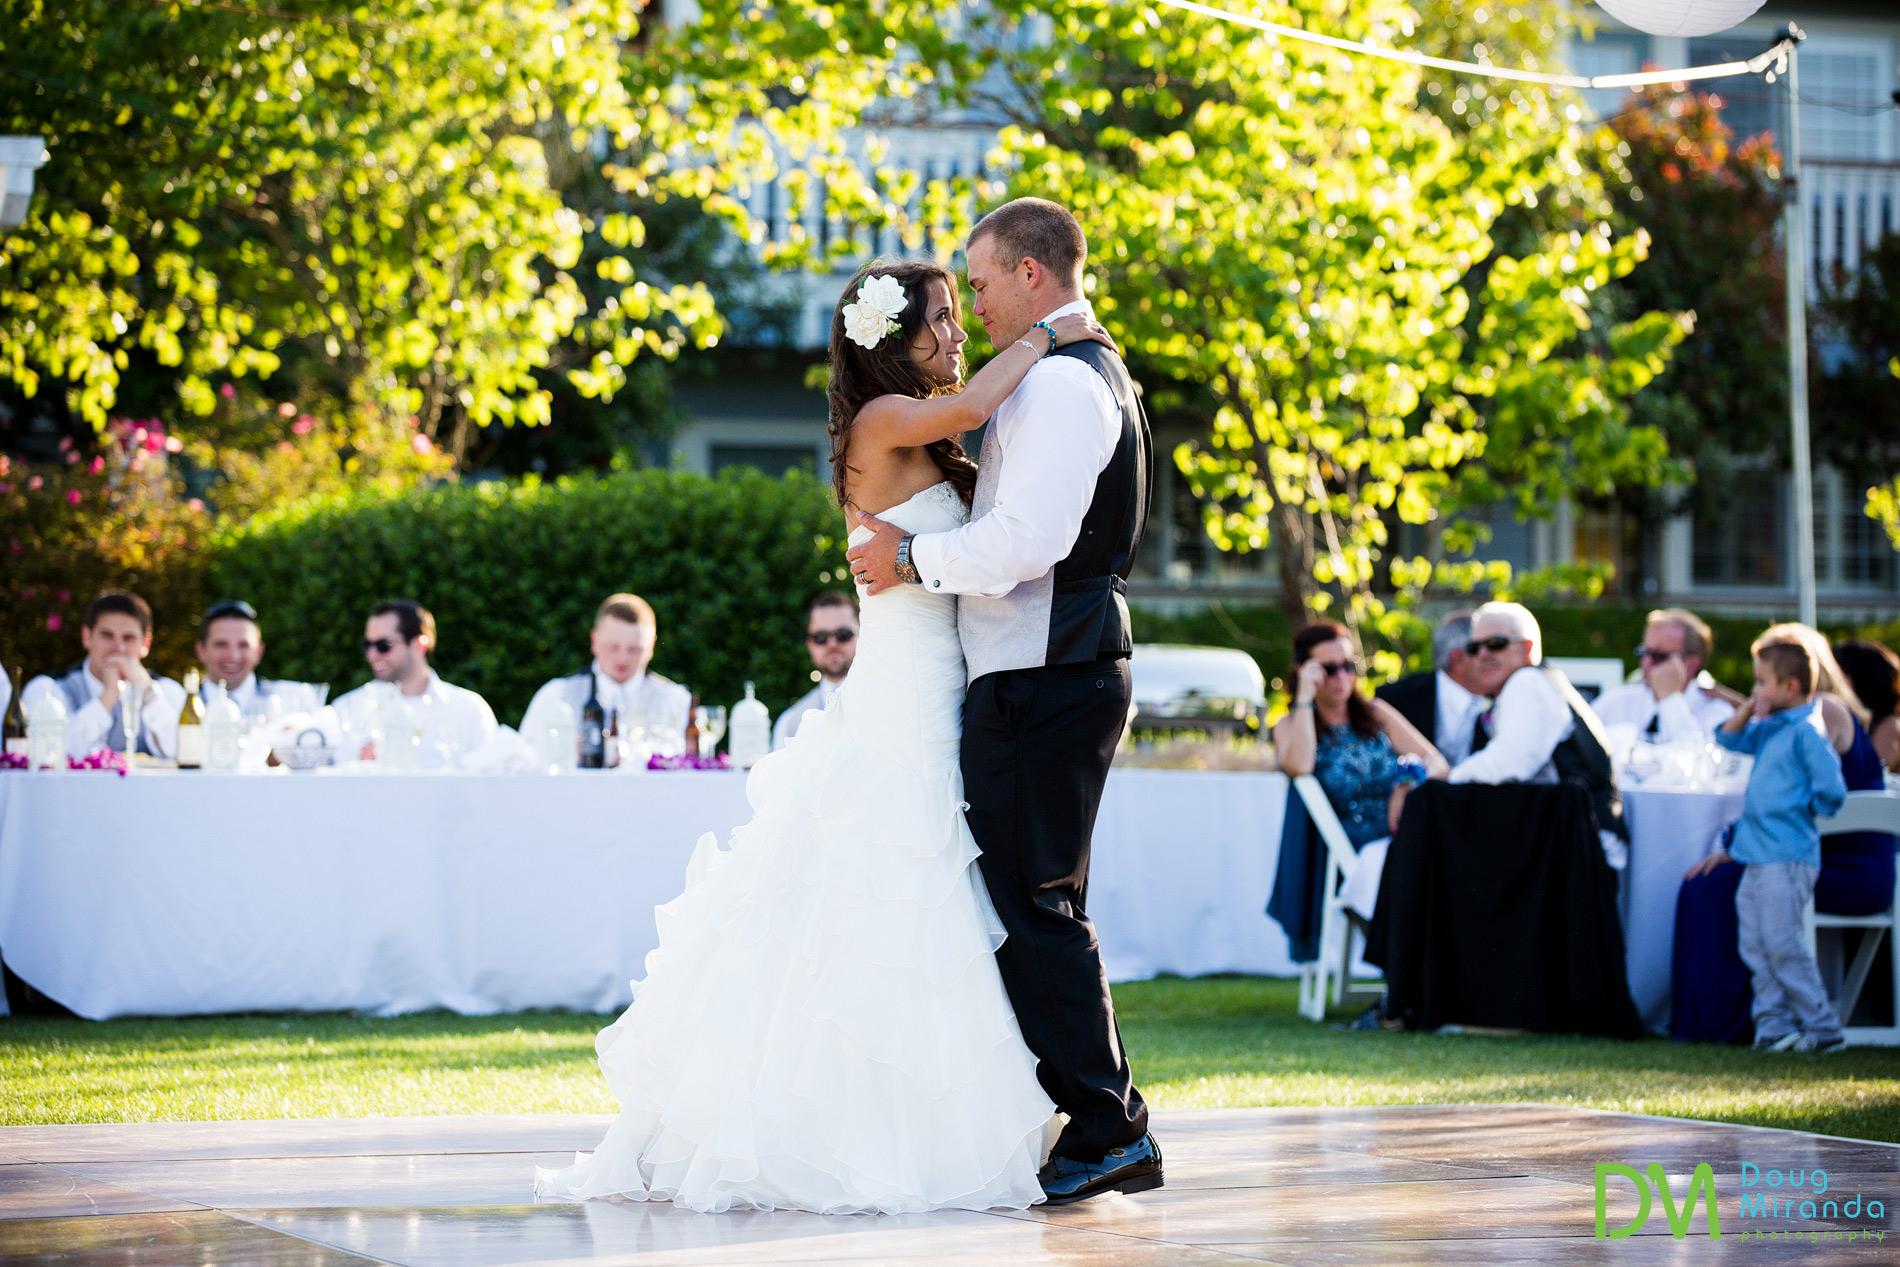 geyserville inn wedding